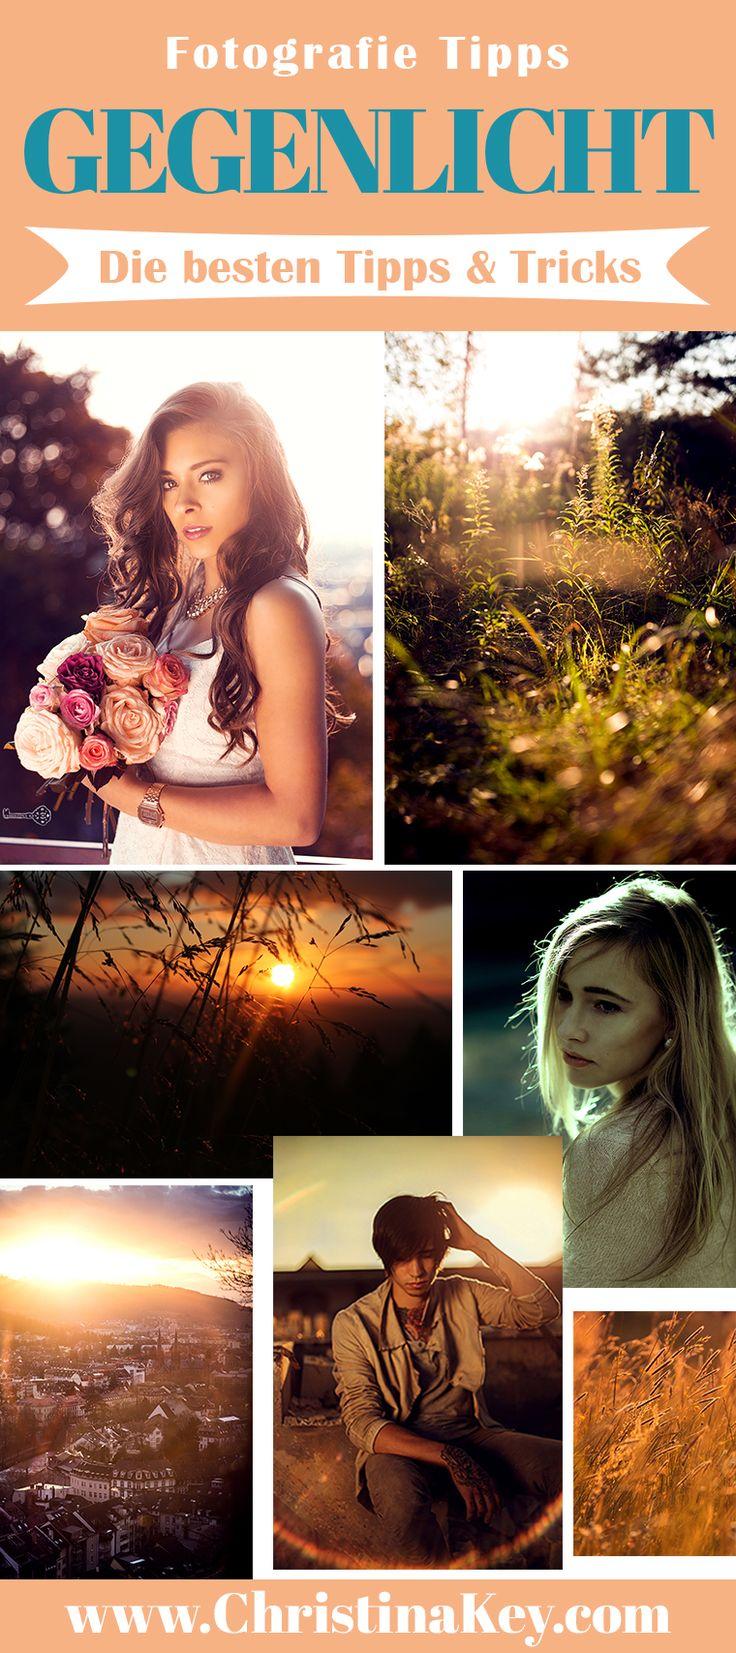 Gegenlicht Foto Tipps – Melanie Fresa